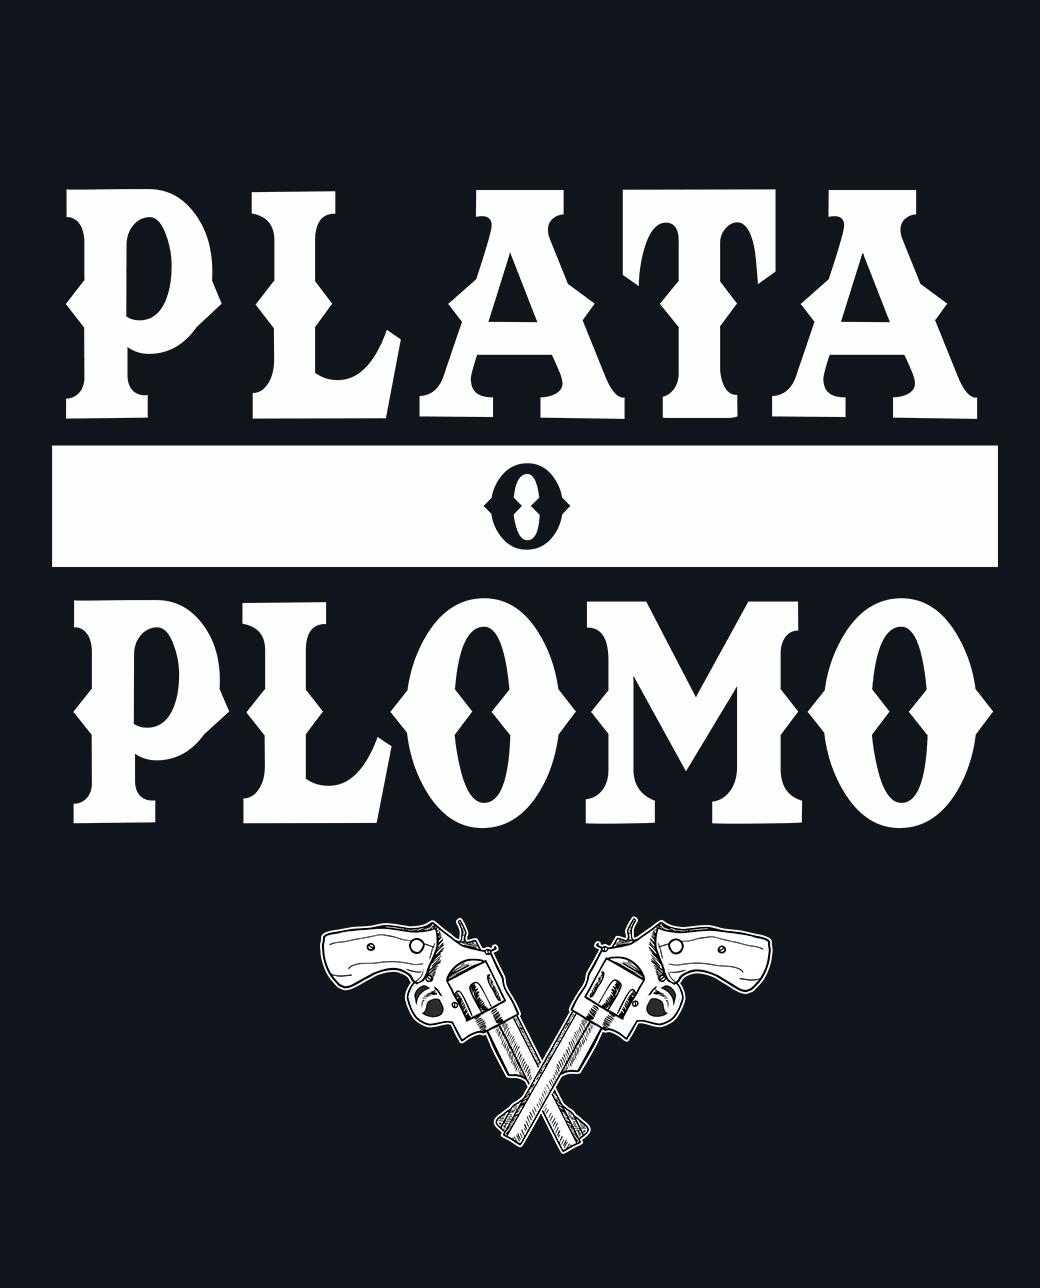 NARCOS PLATA O PLOMO